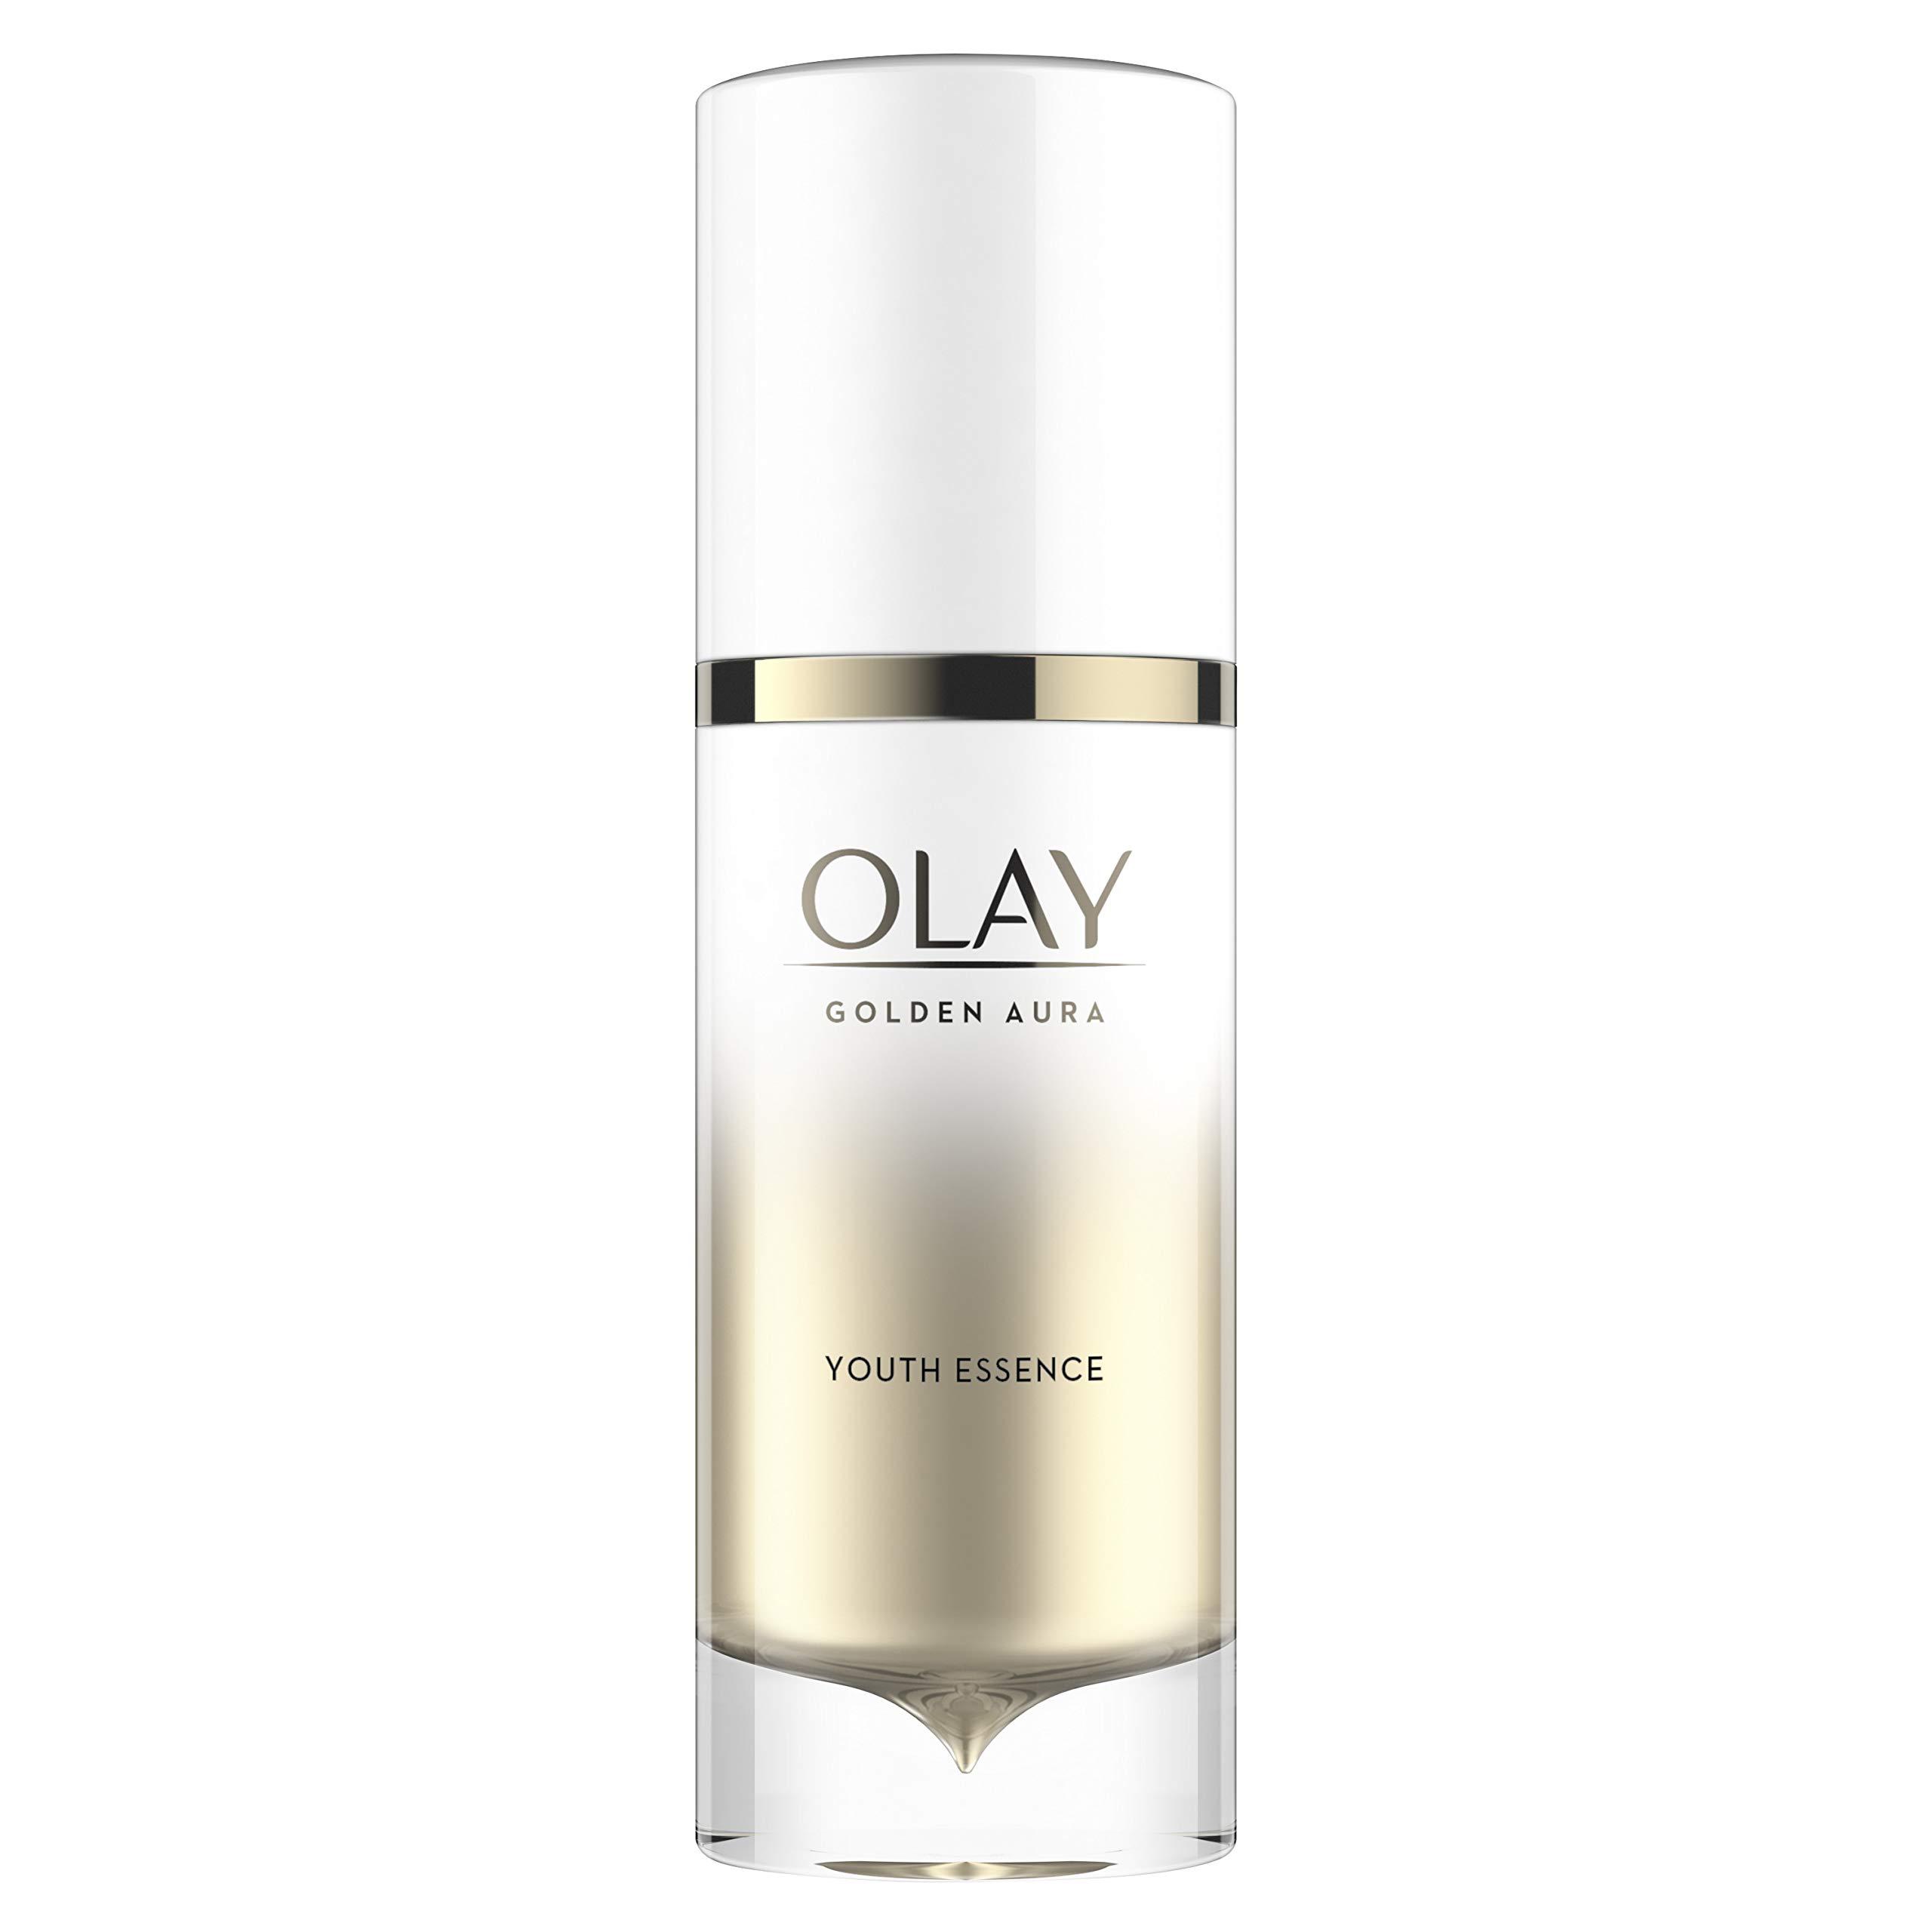 Facial Essence by Olay, Golden Aura Youth Essence, 1.3 Fluid Ounce by Olay (Image #2)